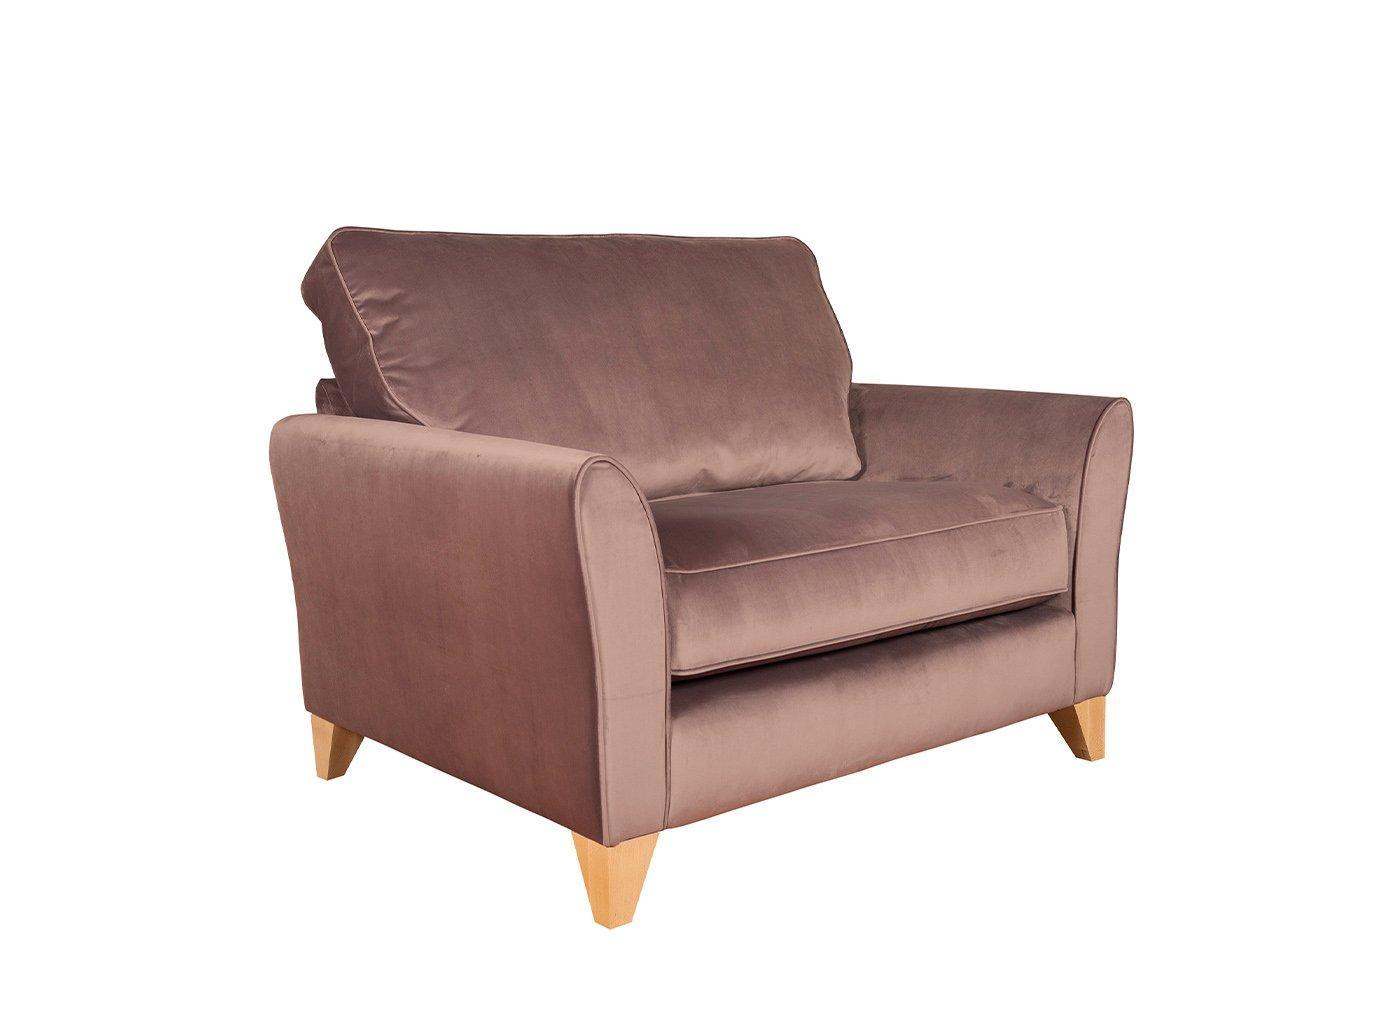 willis-armchair